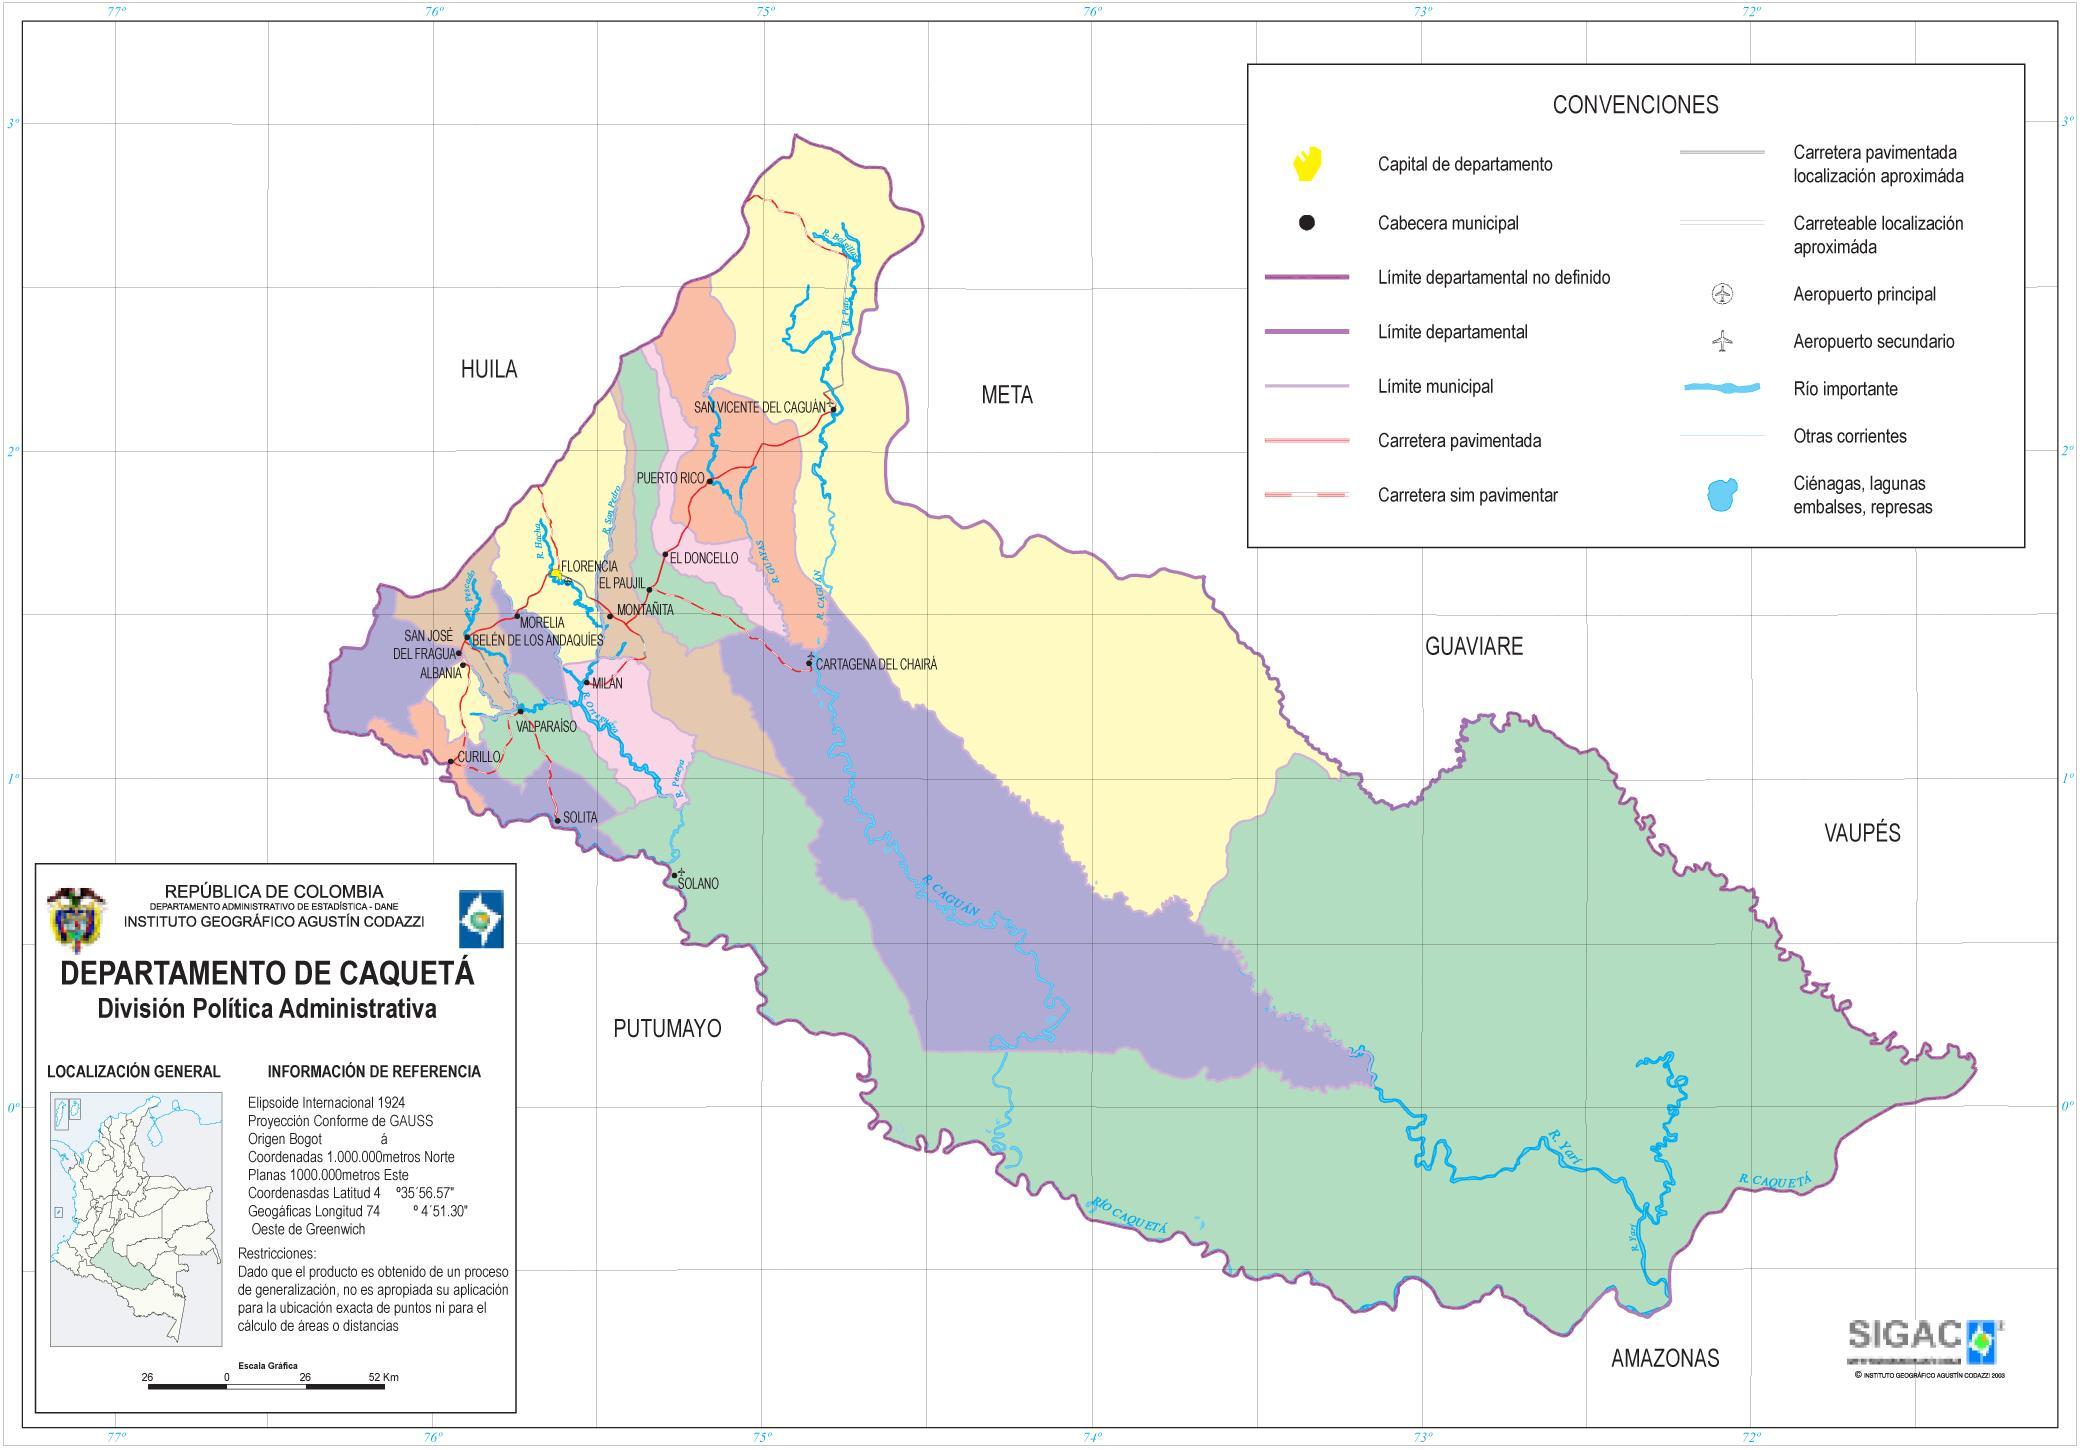 Mapa del Departamento de Caquetá, Colombia